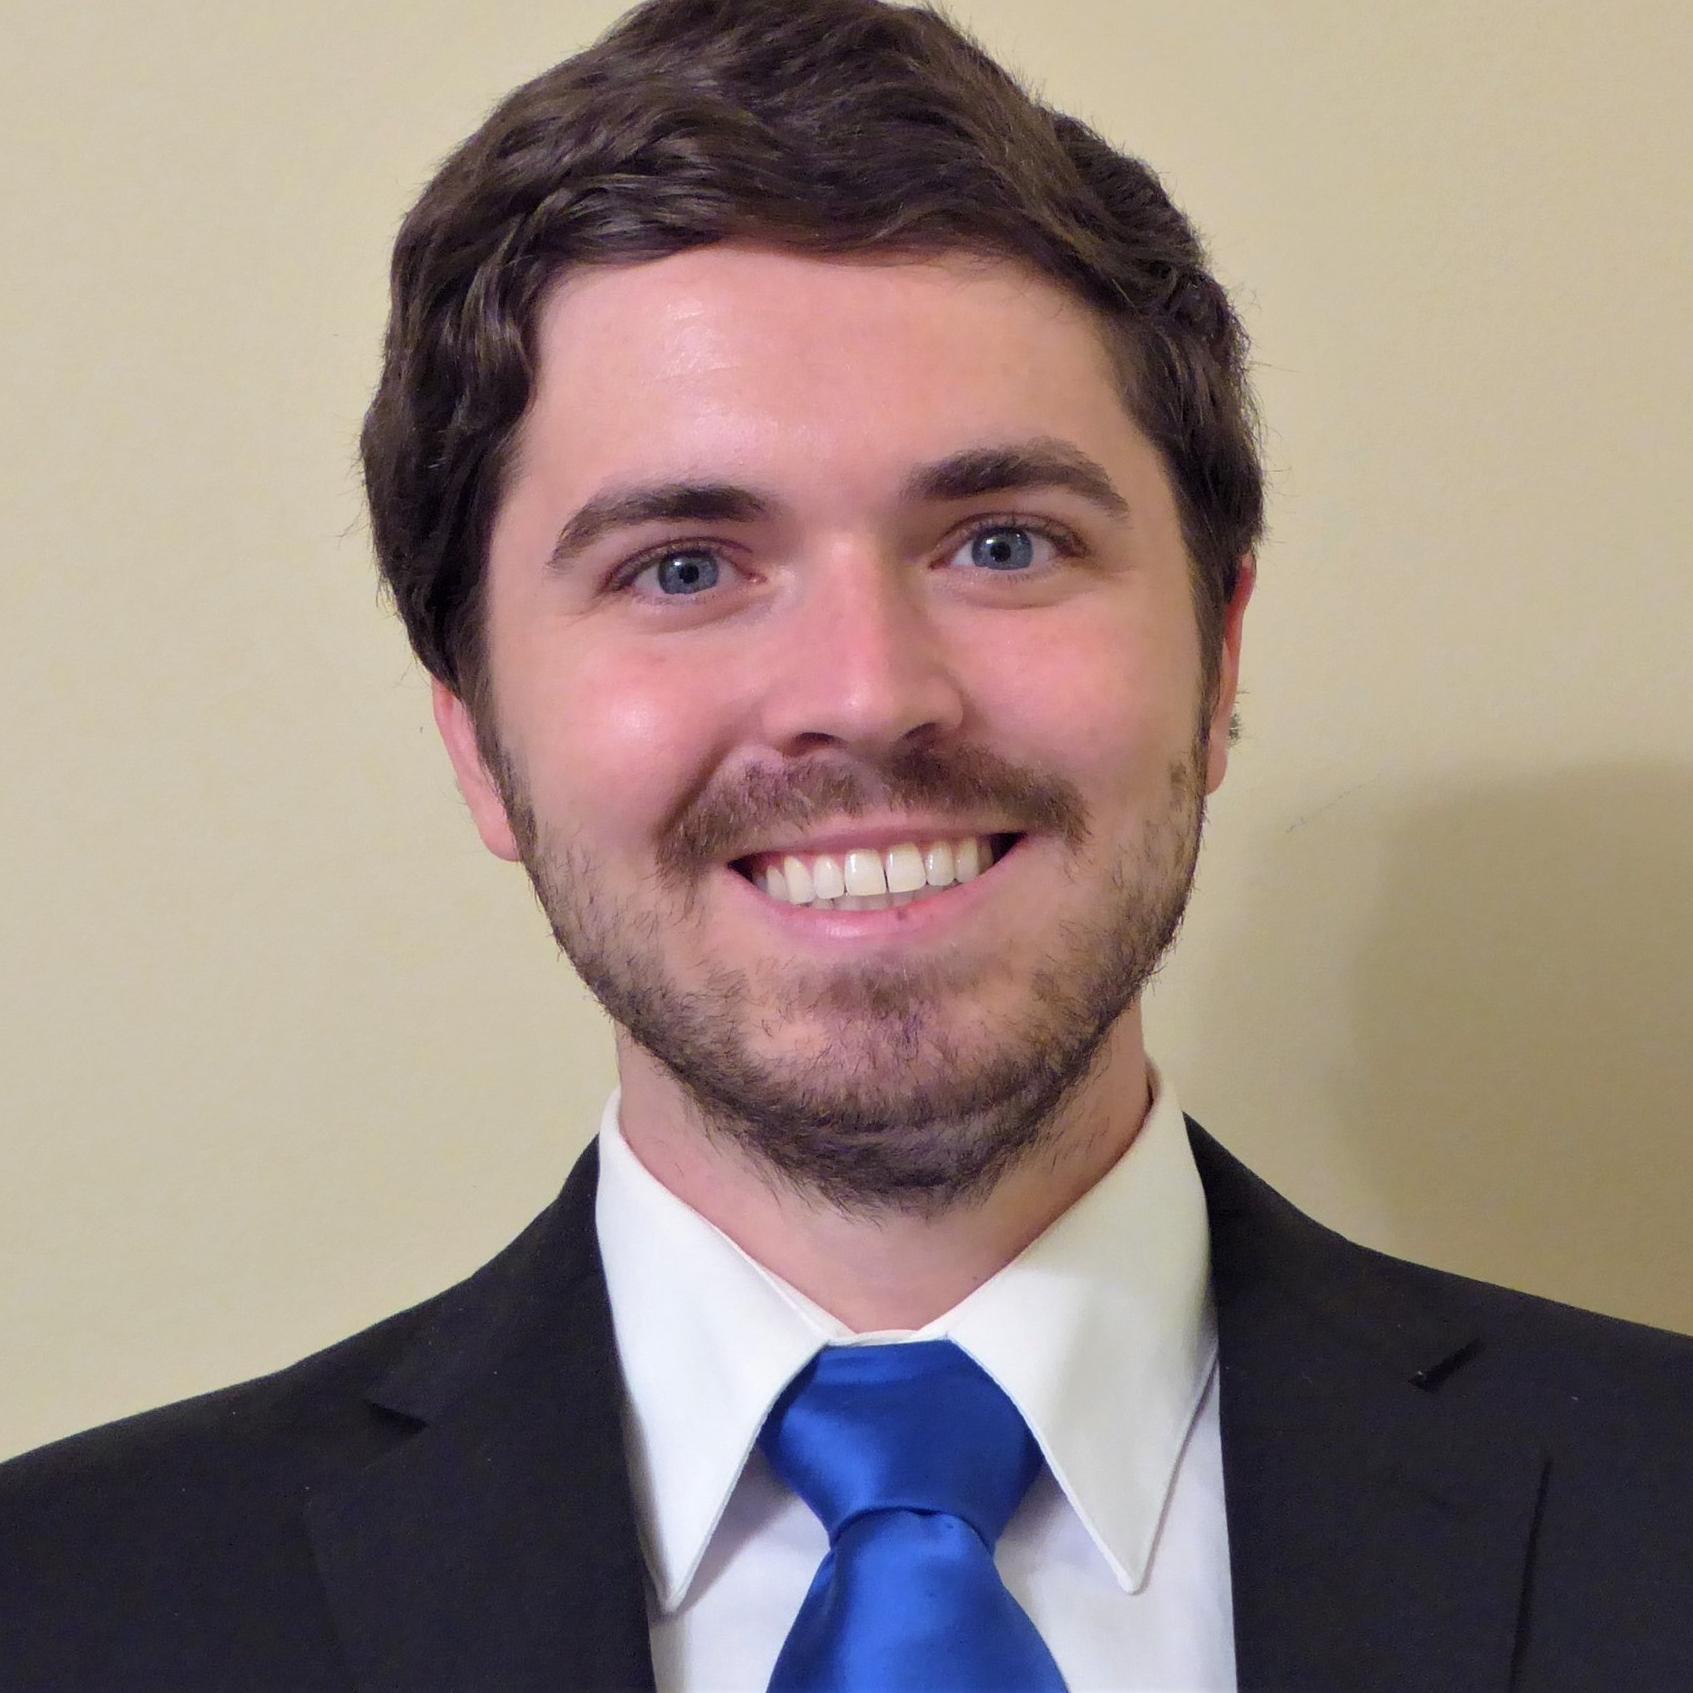 Chris Beless, Co-President